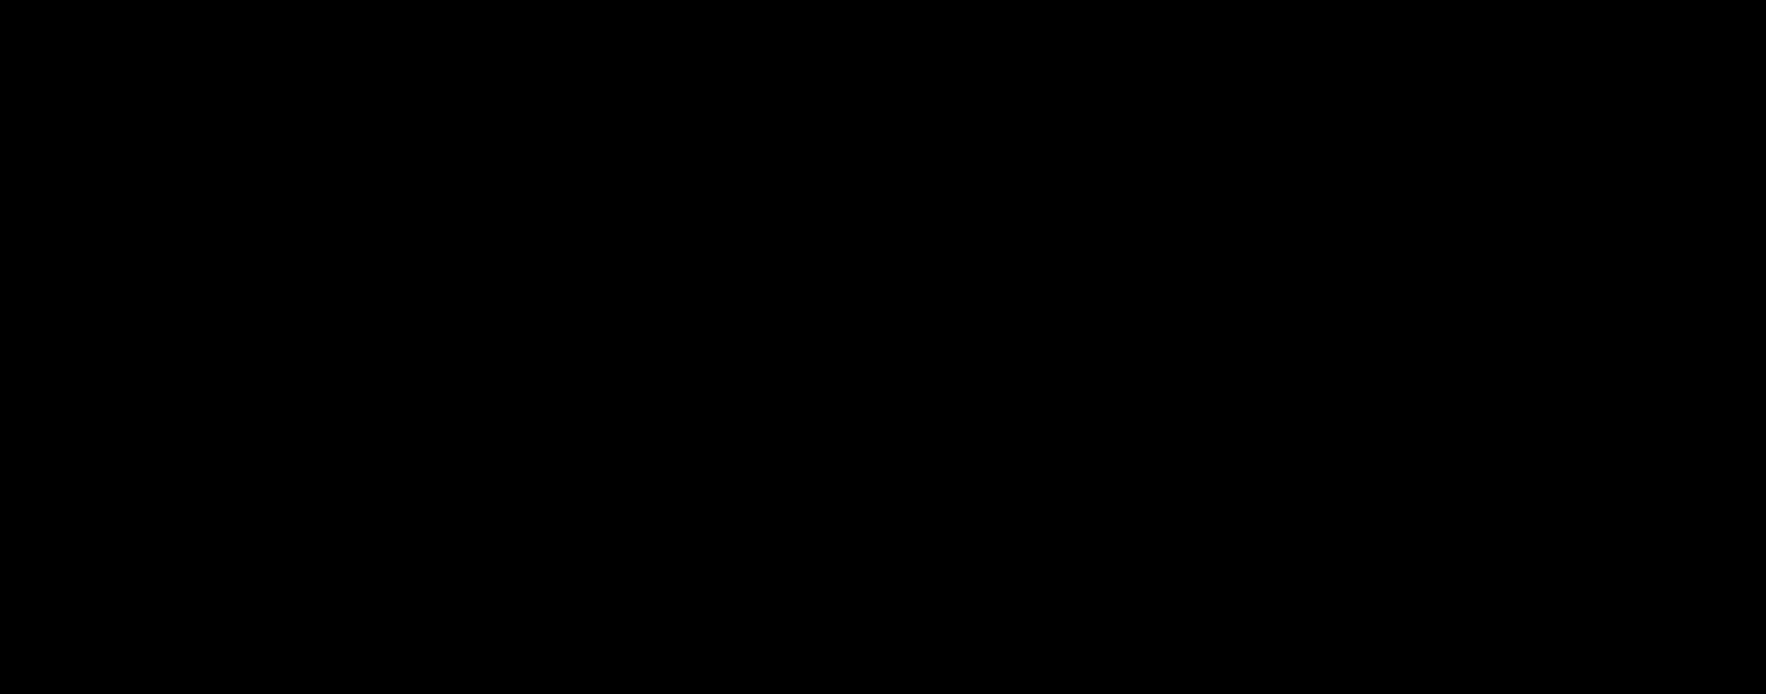 Rosiglitazone